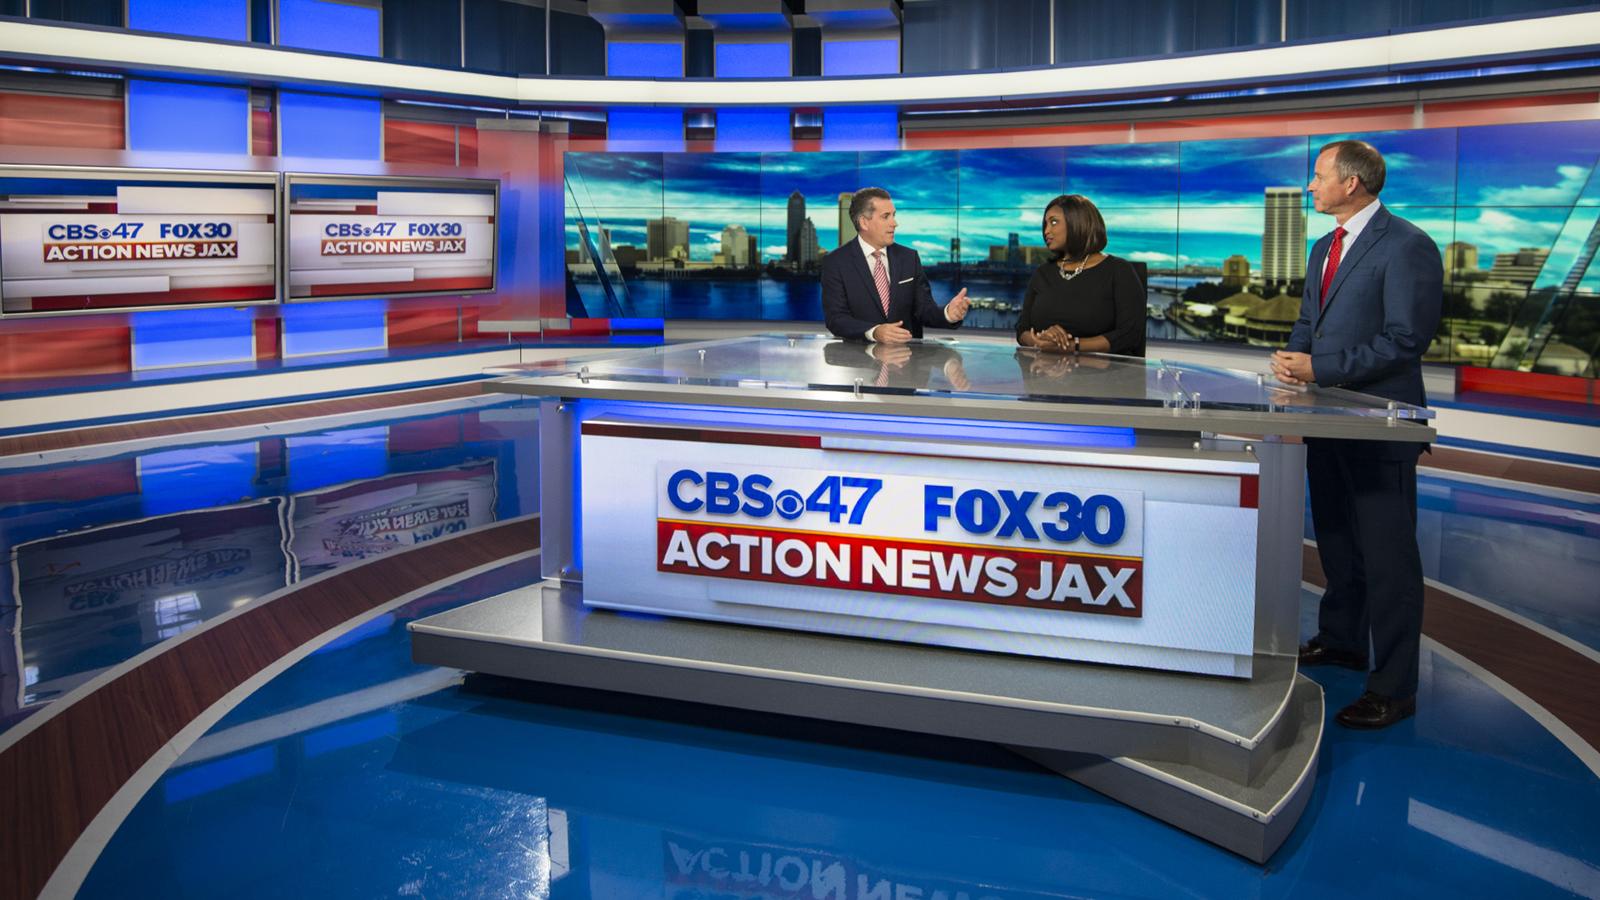 ncs_action-news-jax-tv-studio-wjax_0016